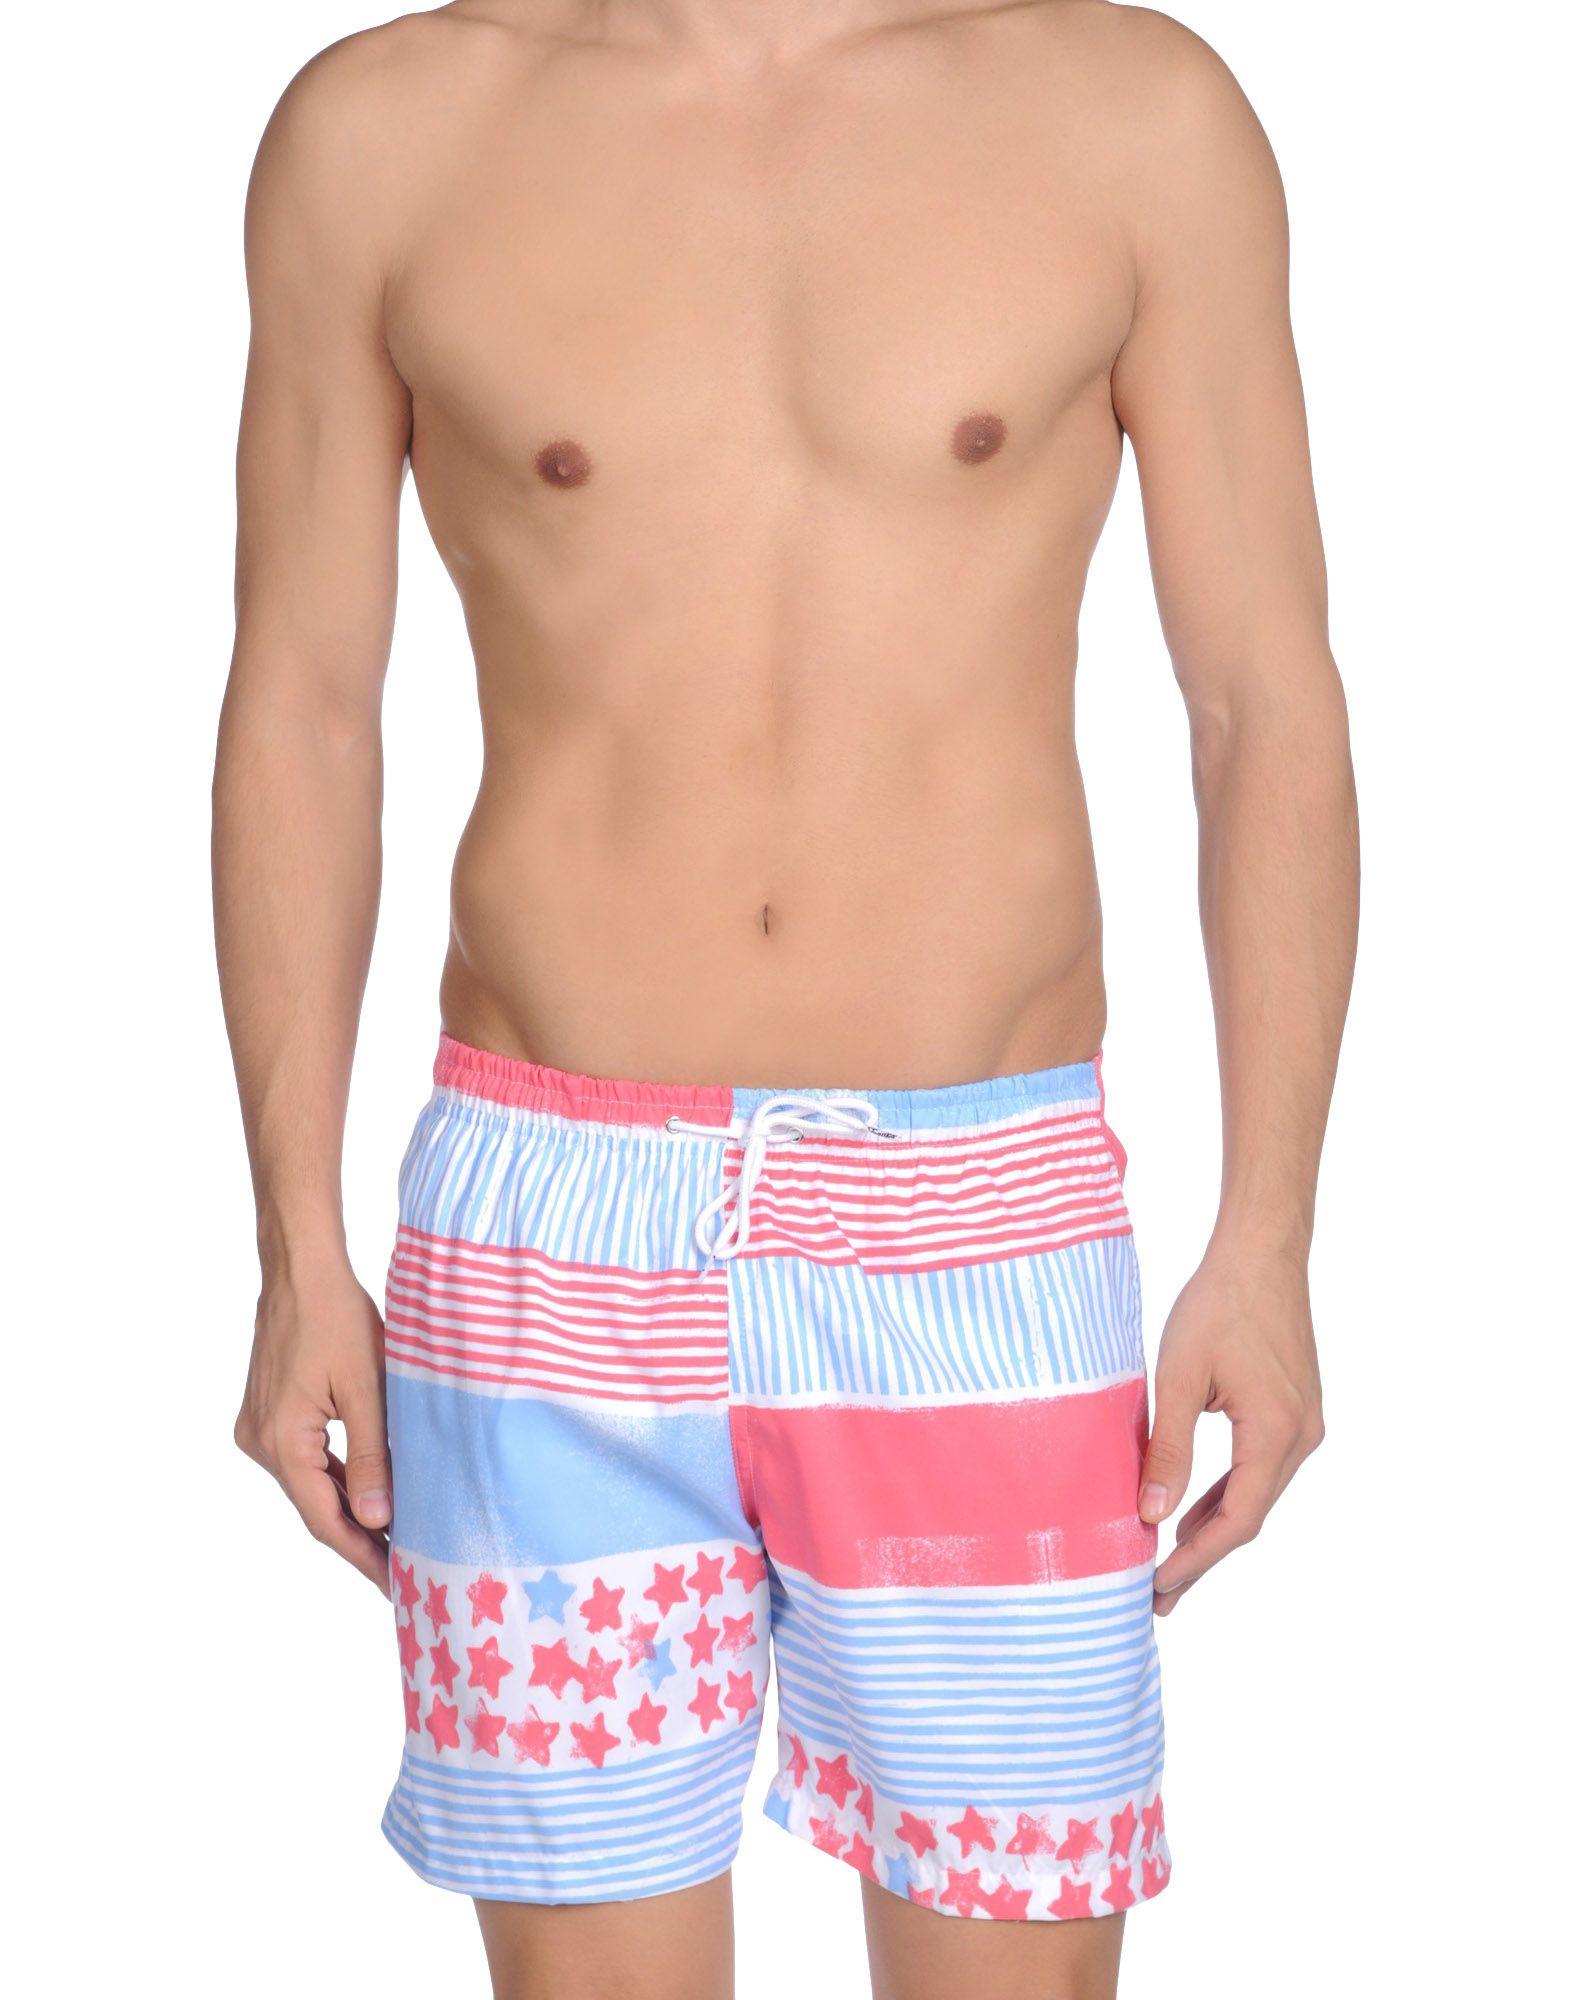 FRANKS Swimming trunks